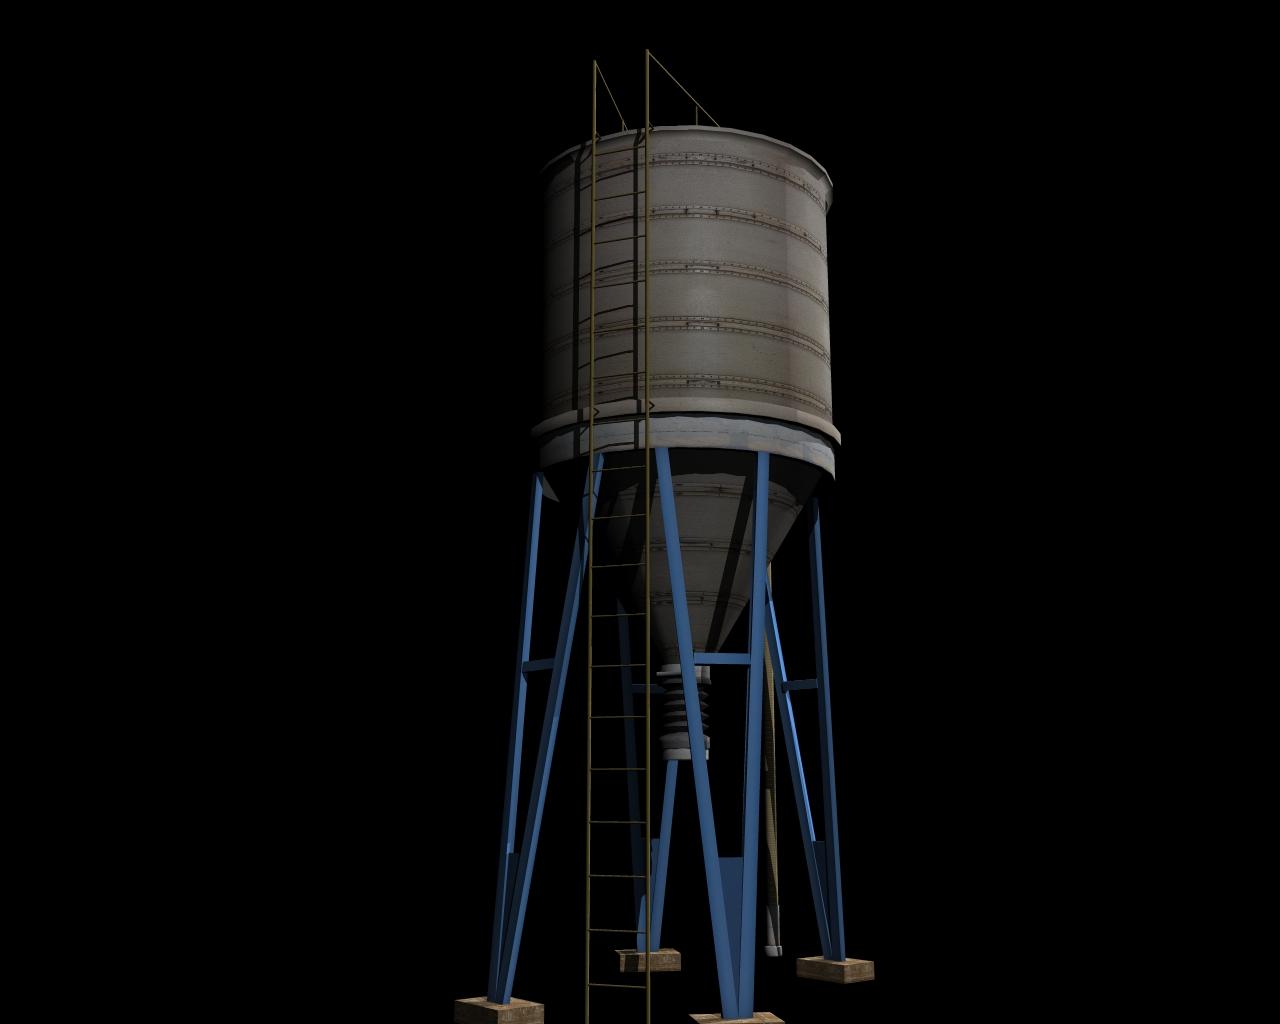 silo 3d model 3ds 164146